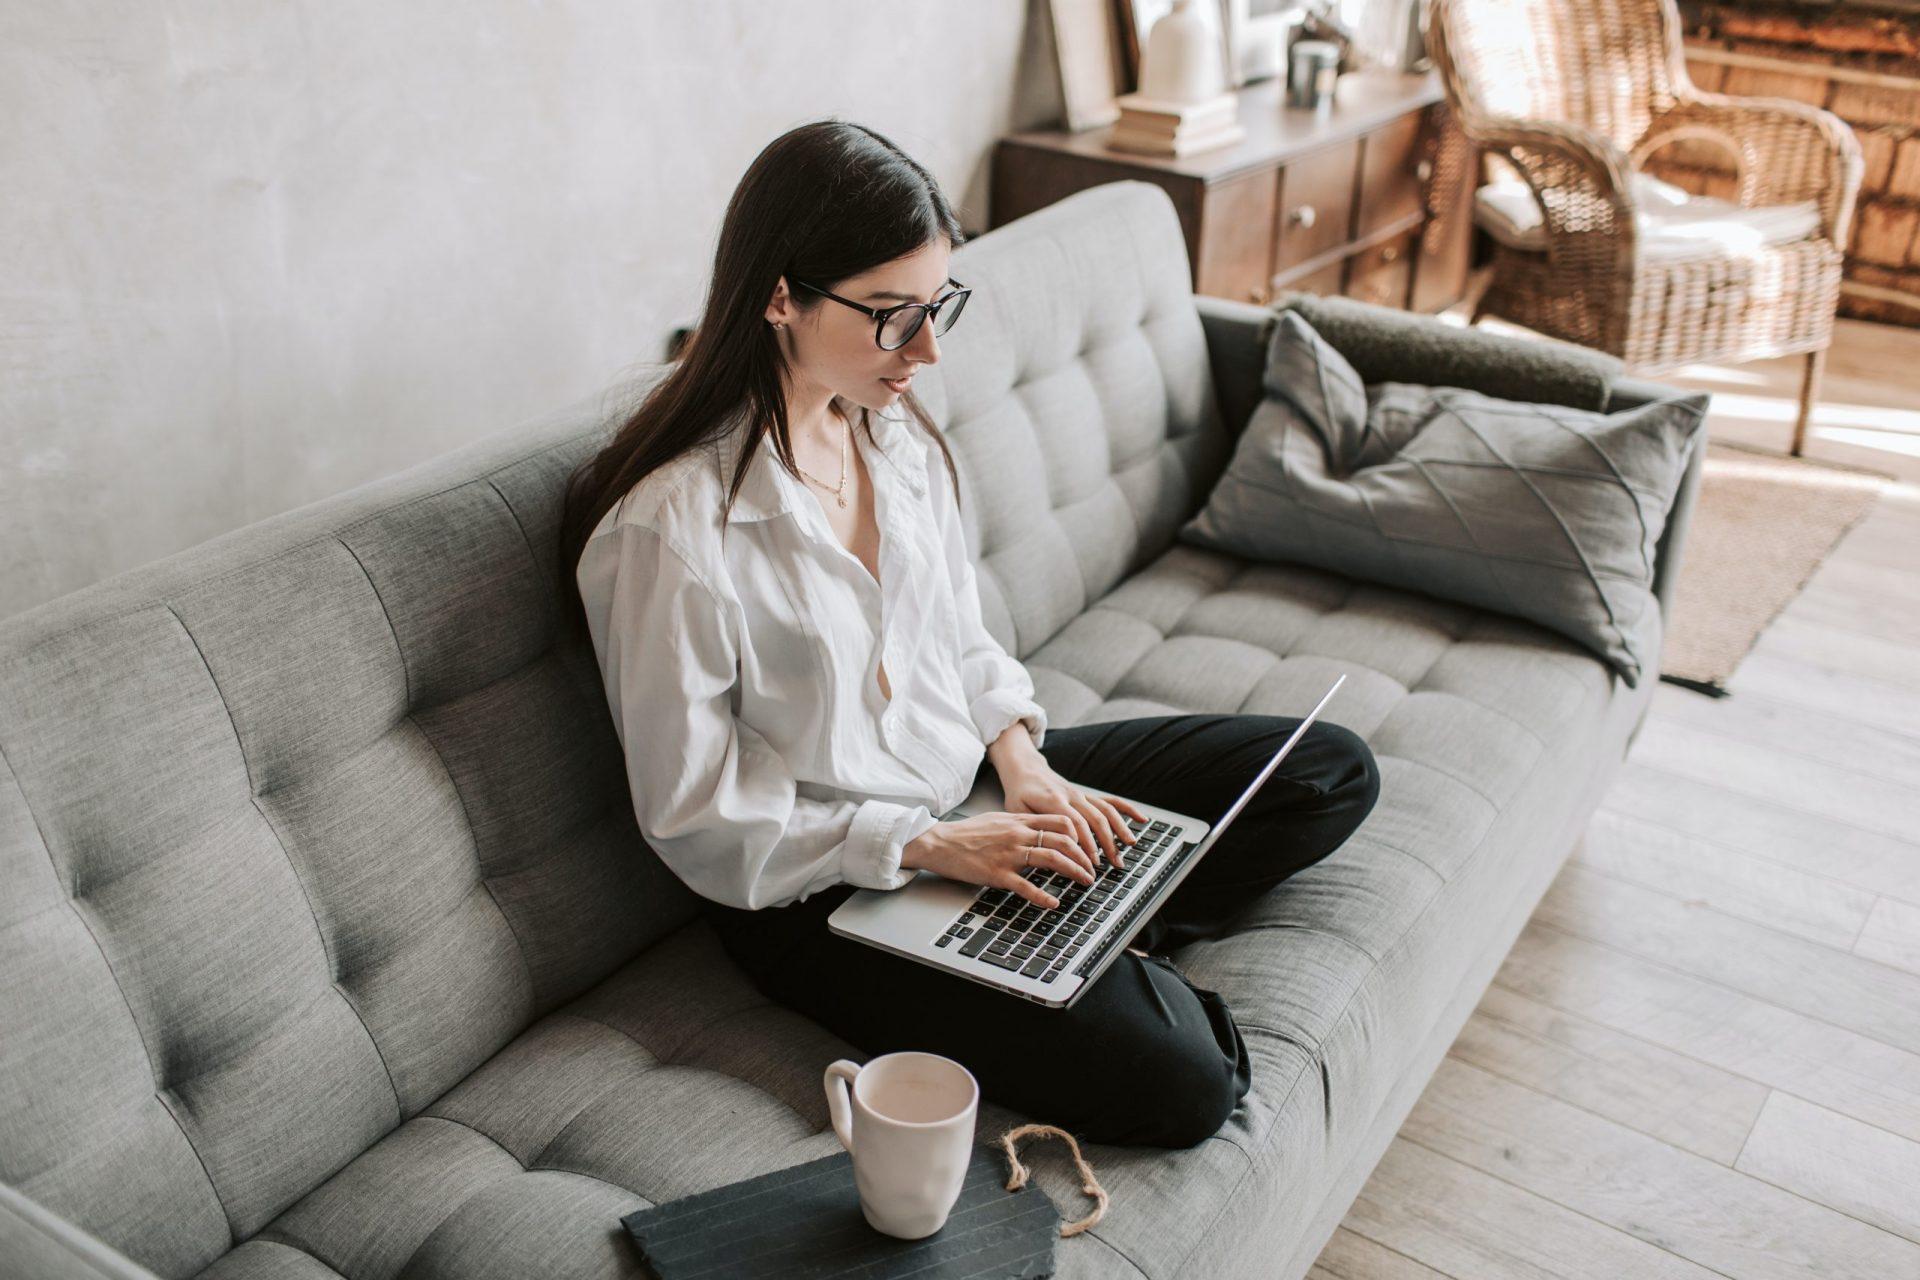 come guadagnare online nel 2021